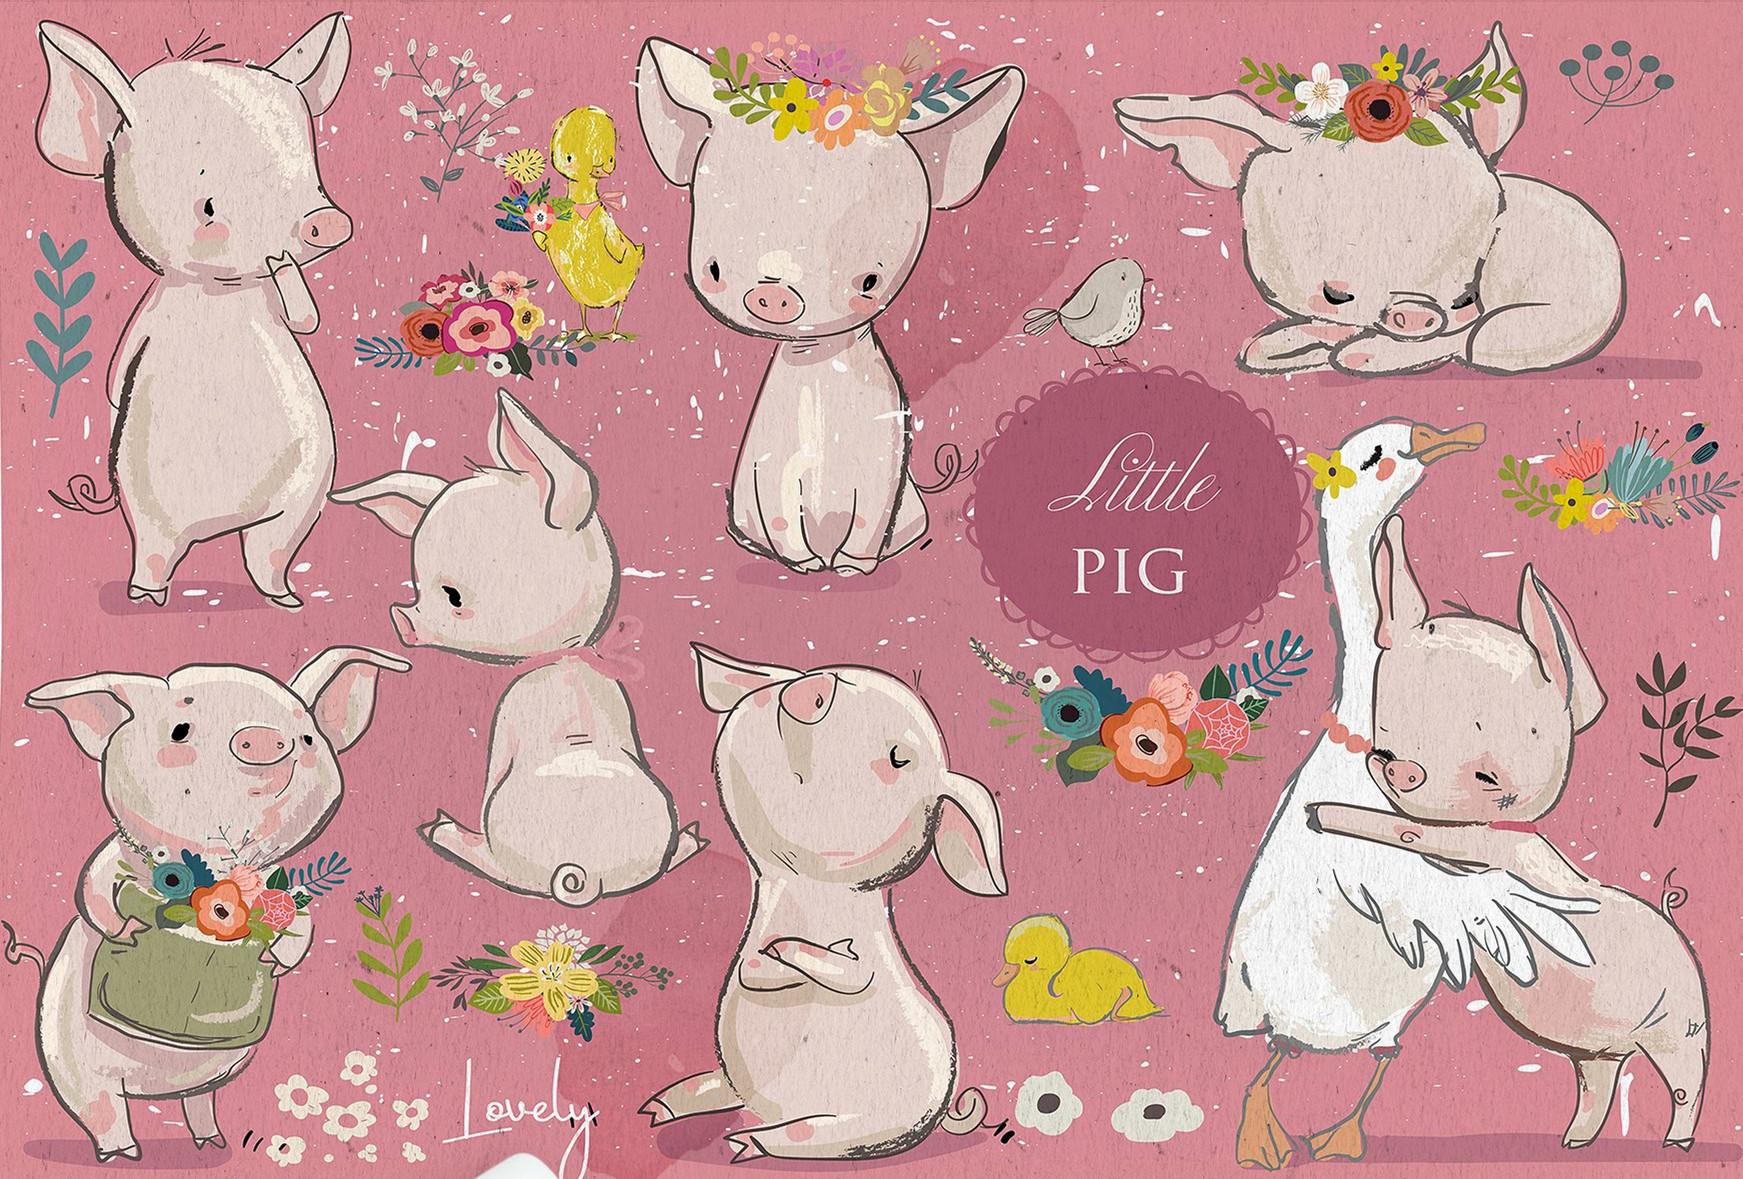 可爱的小动物怎么画?来看看插画师eve farb这些素材吧